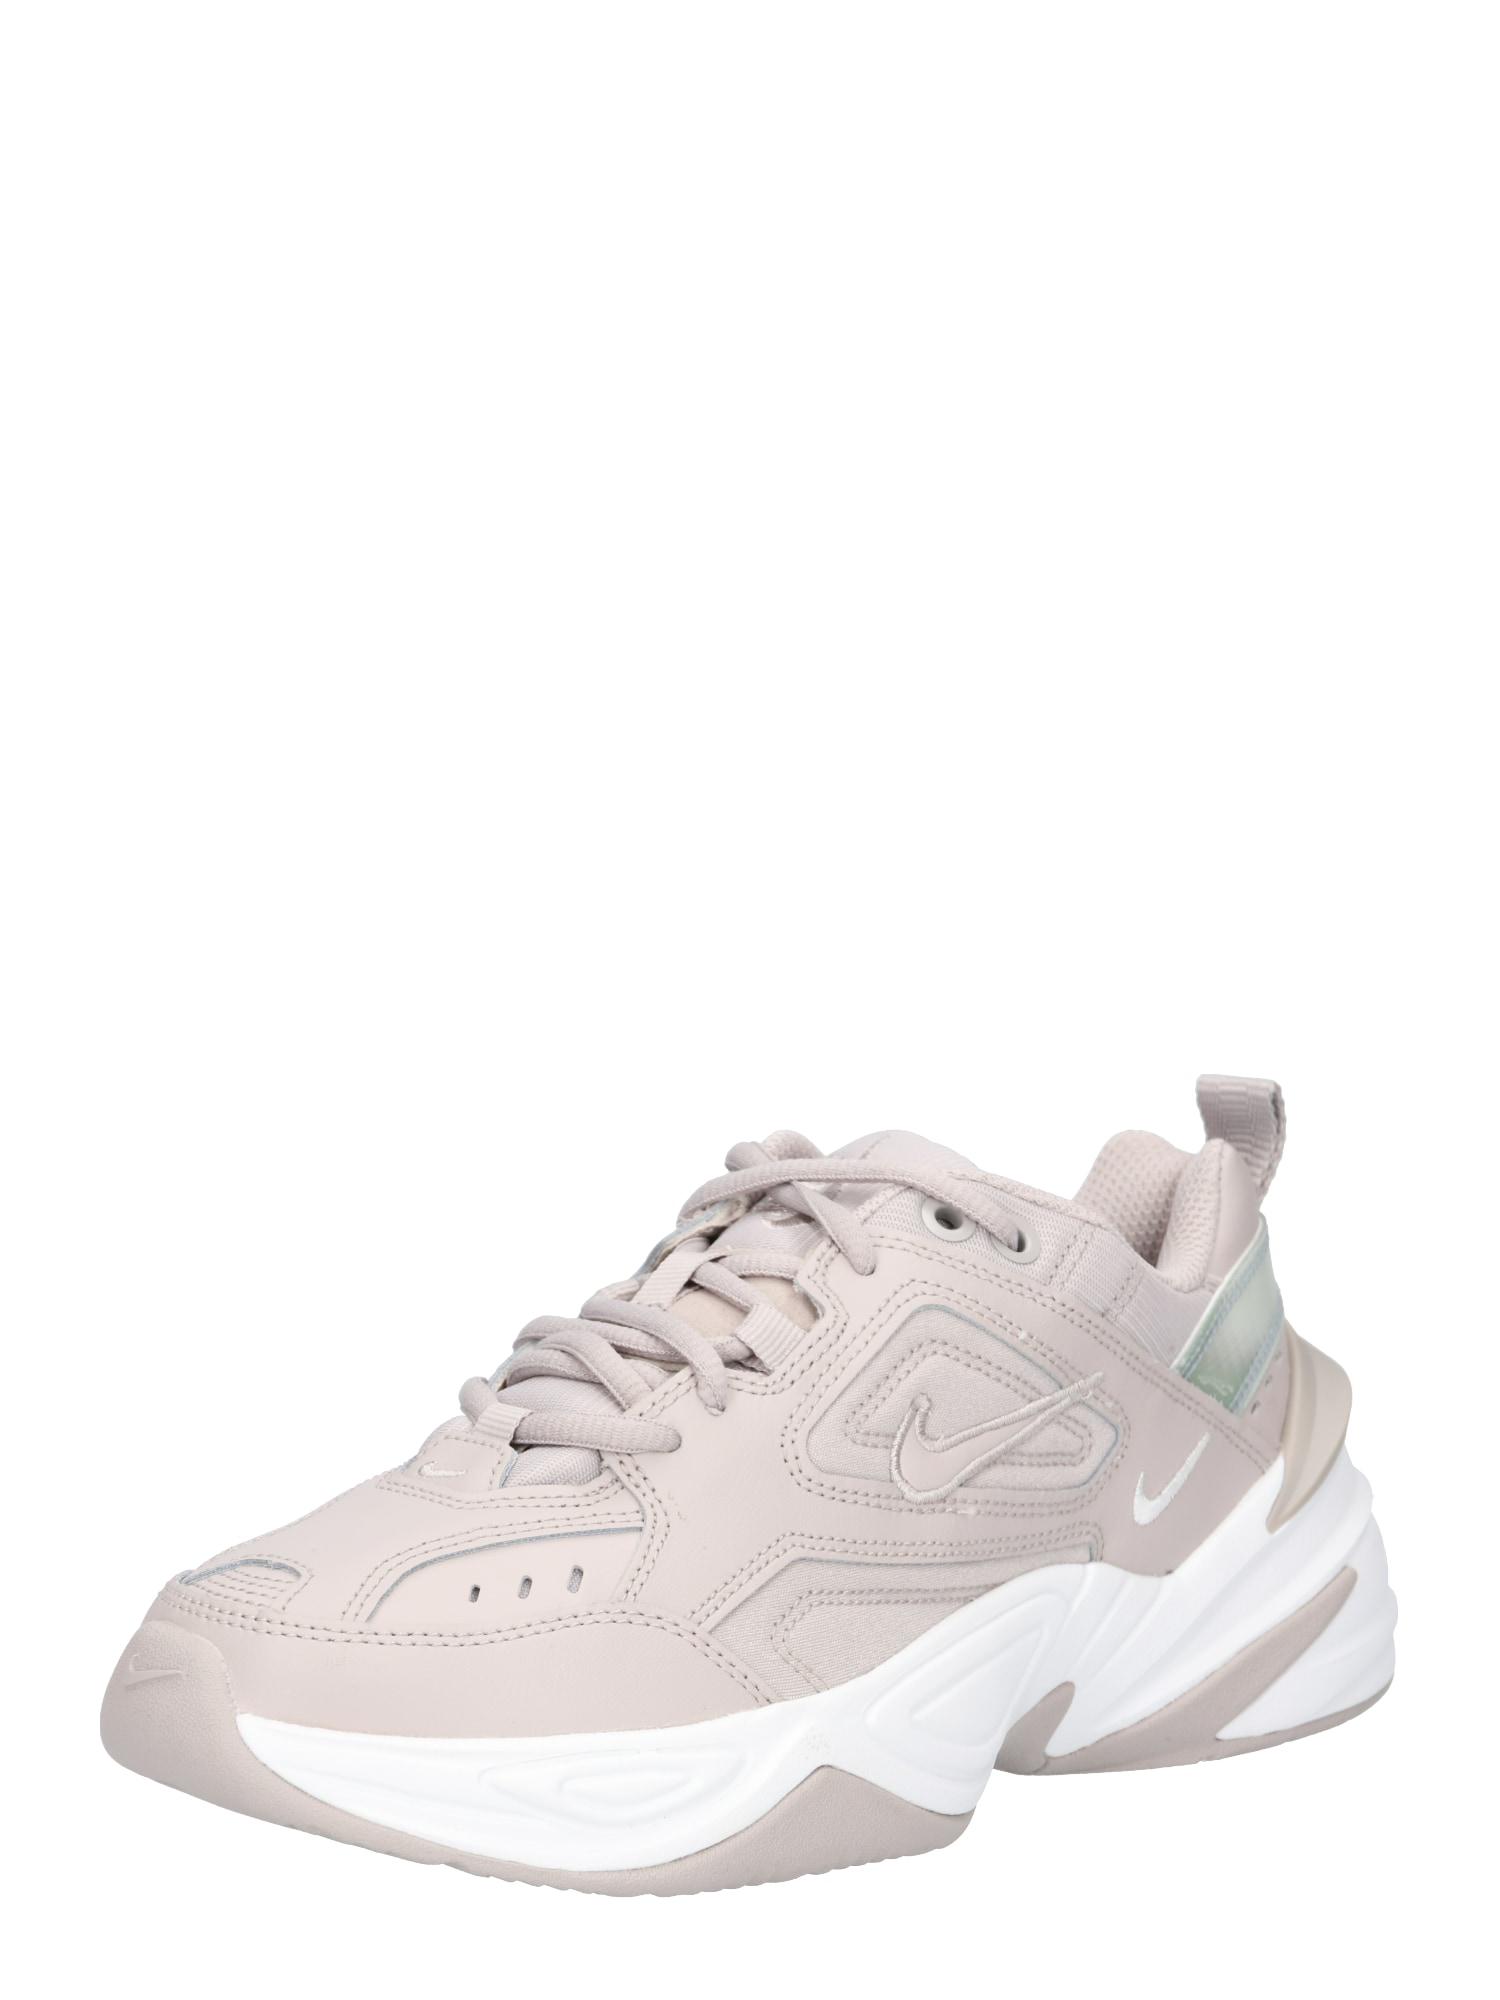 Nike Sportswear, Dames Sneakers laag 'M2K TEKNO', lichtgrijs / wit